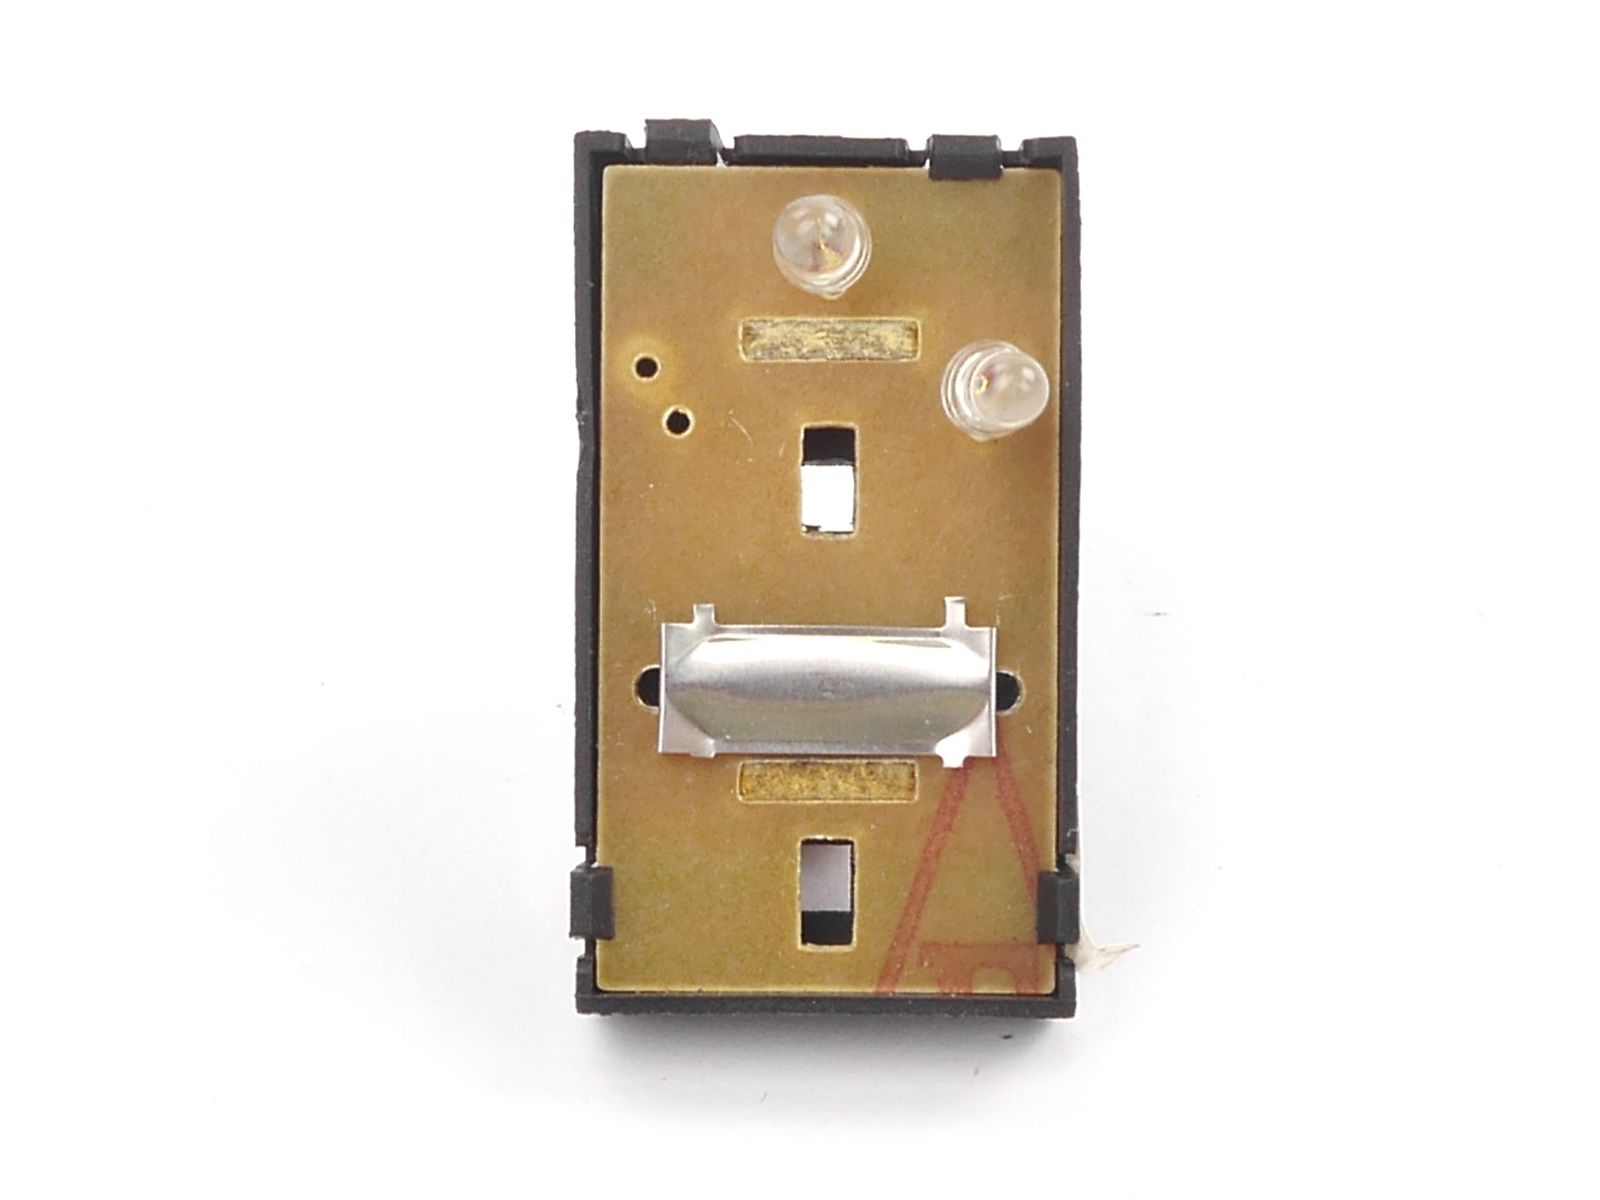 E163 Roco H0 N 10331 Zubehör Gleisbildstellpult Symbol Weiche rechts *Note 2-3*